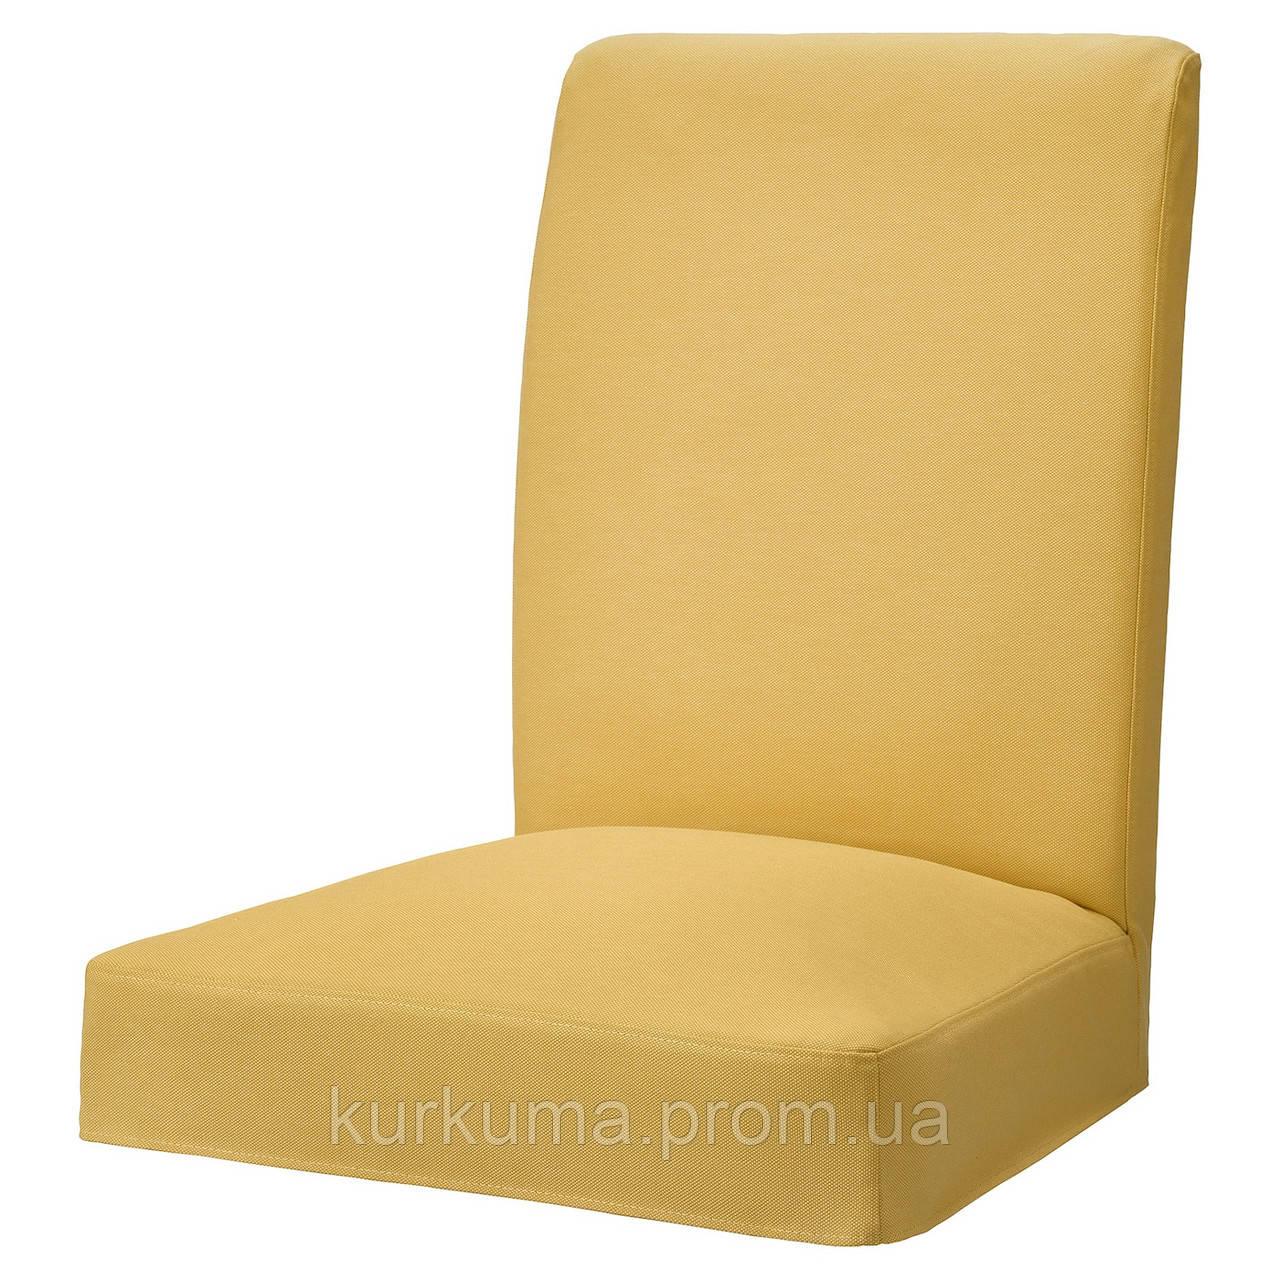 IKEA HENRIKSDAL Чехол для стула, Орста золотой желтый (604.707.62)